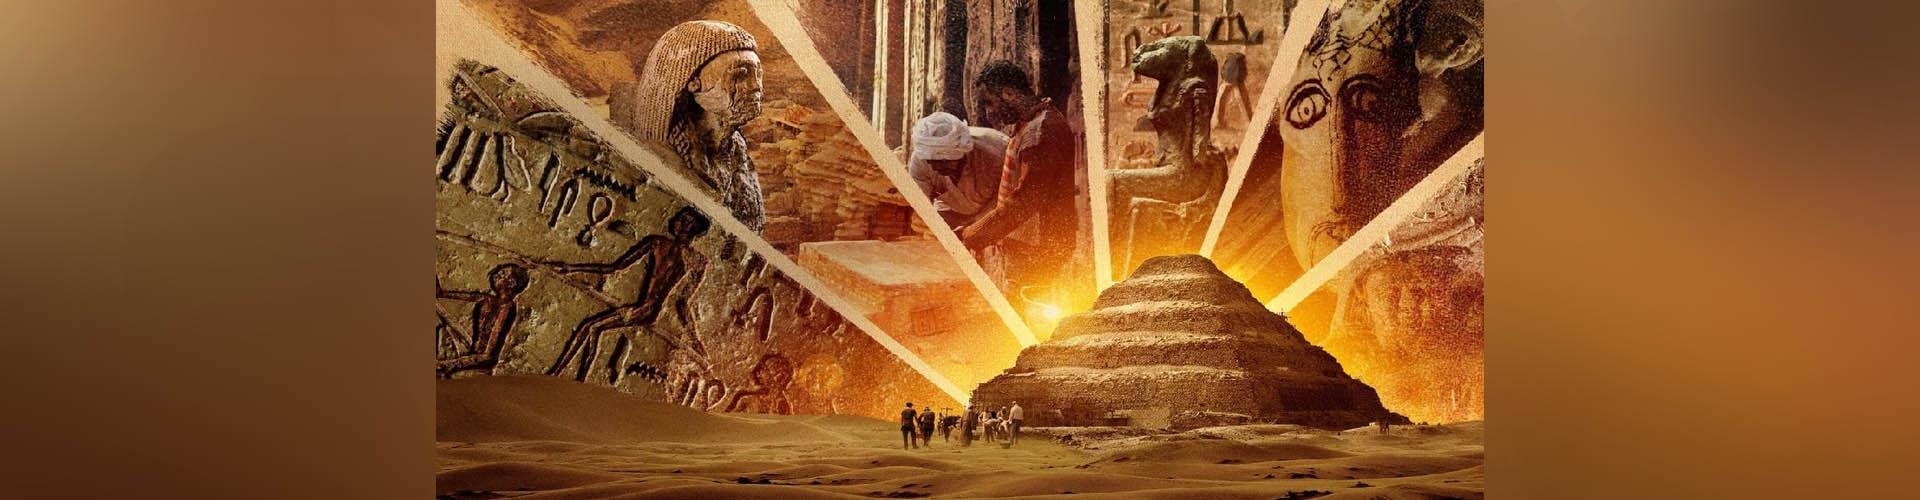 (VIDEO) Afirman haber descubierto una pirámide oculta en Saqqara